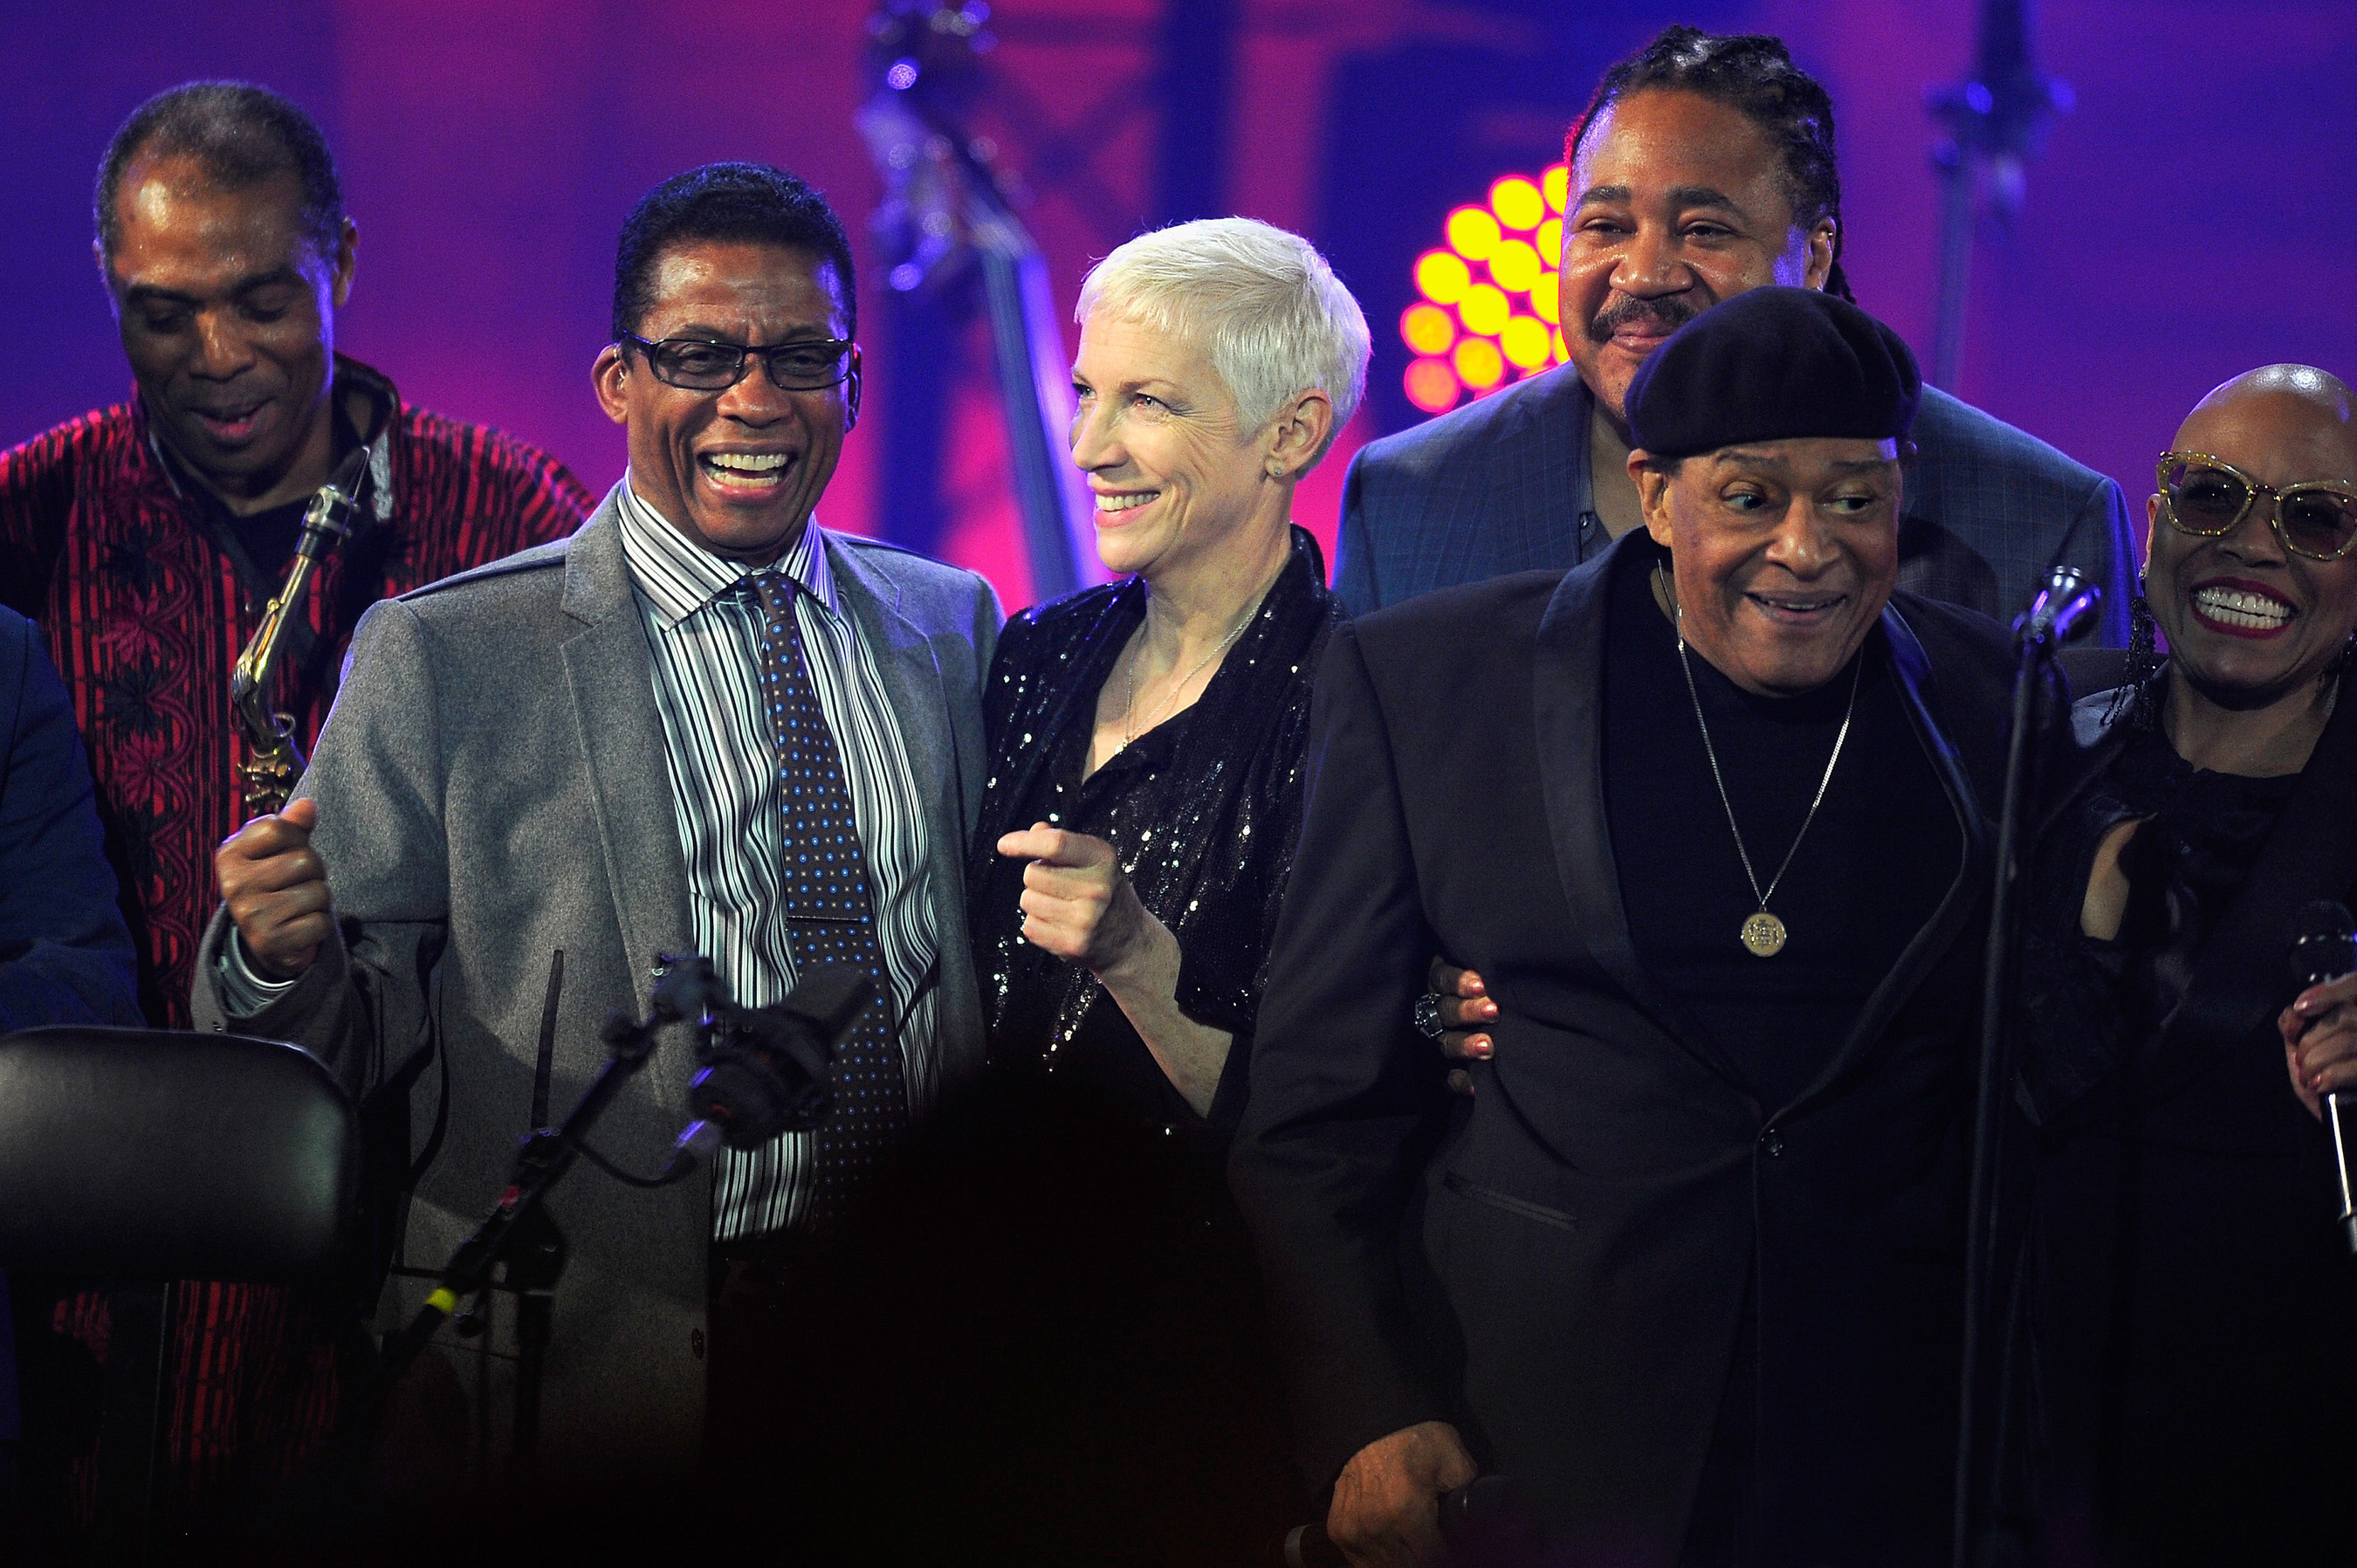 Musiker aus aller Welt beehren die Bühne in Paris zum 4. Jährlichen International Jazz Day